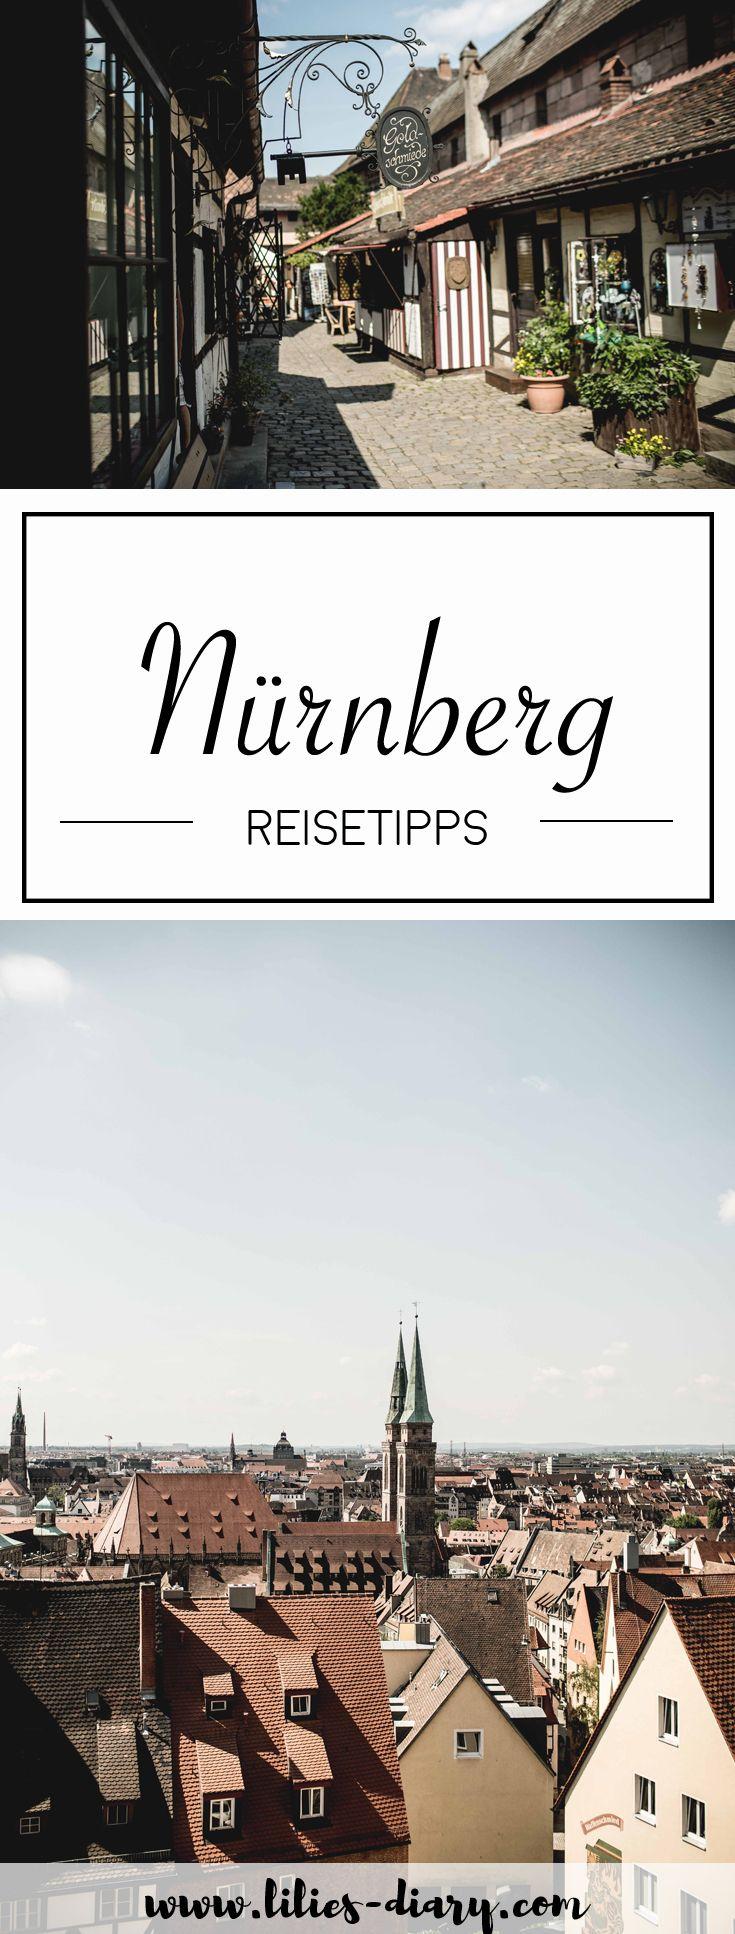 Insidertipps Nürnberg – Sightseeing, coole Shops und mehr. Alle Infos auf www.lilies-diary.com.